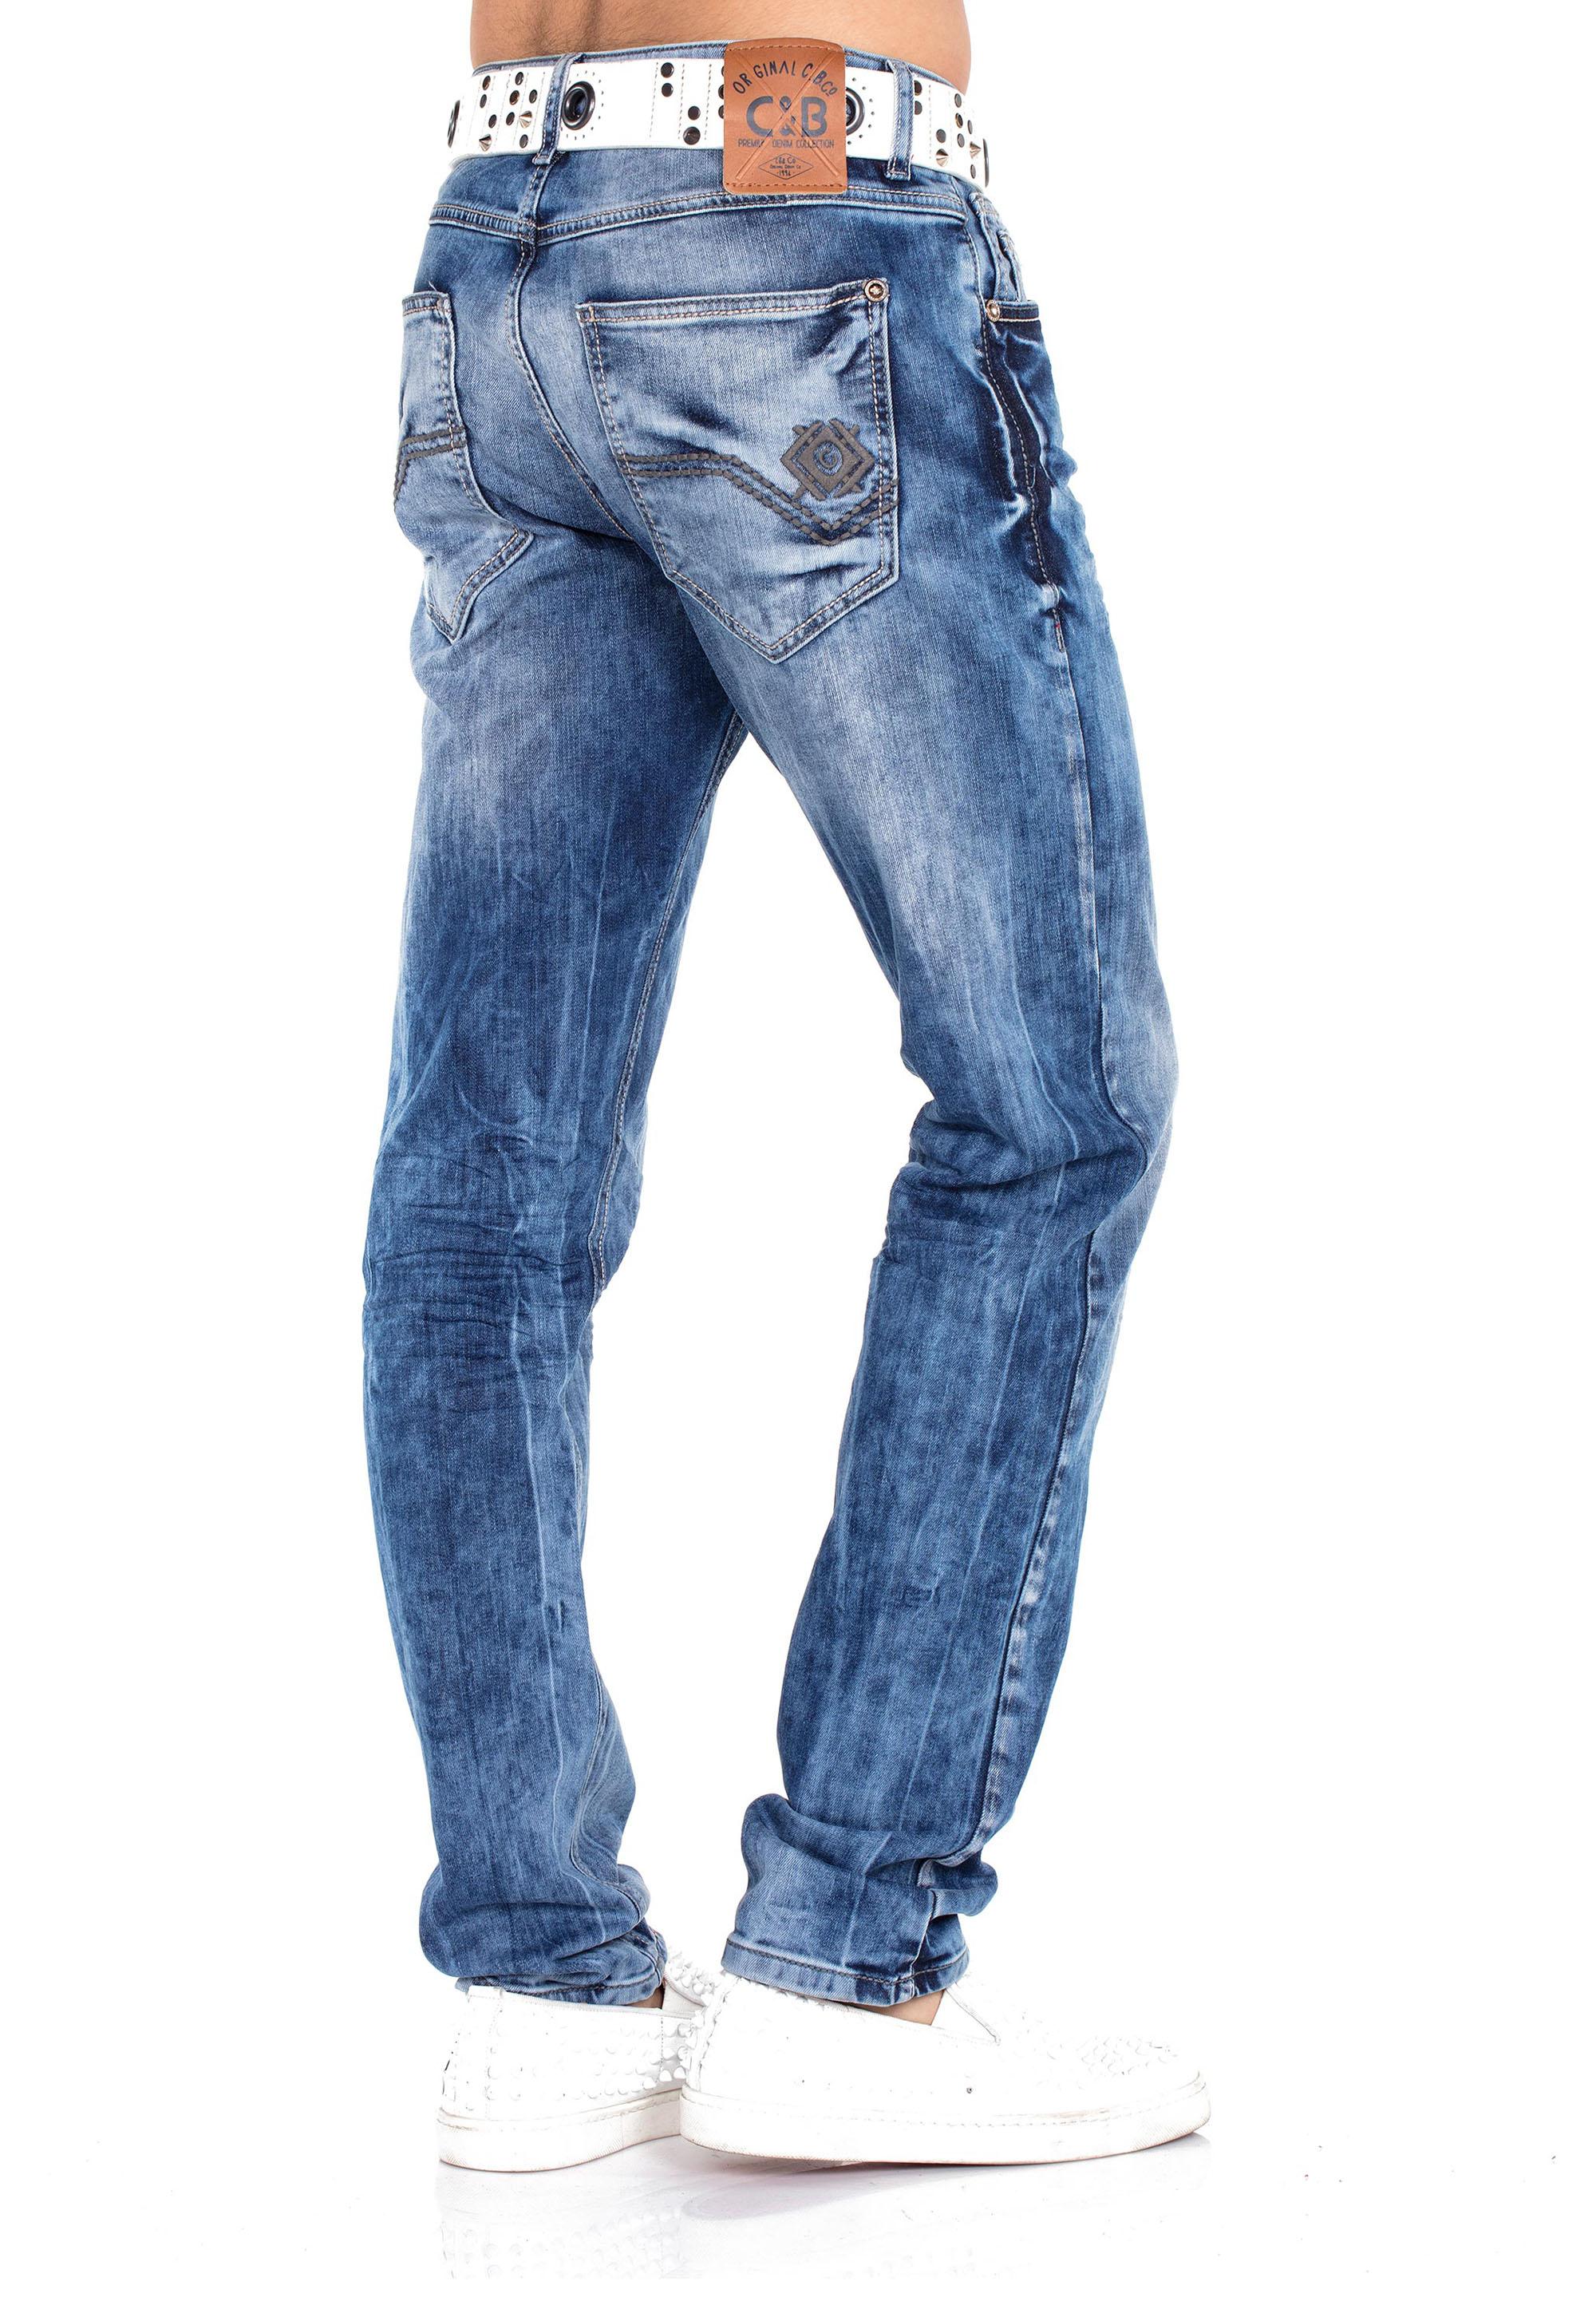 Cipo & Baxx Jeanshose in White günstig kaufen